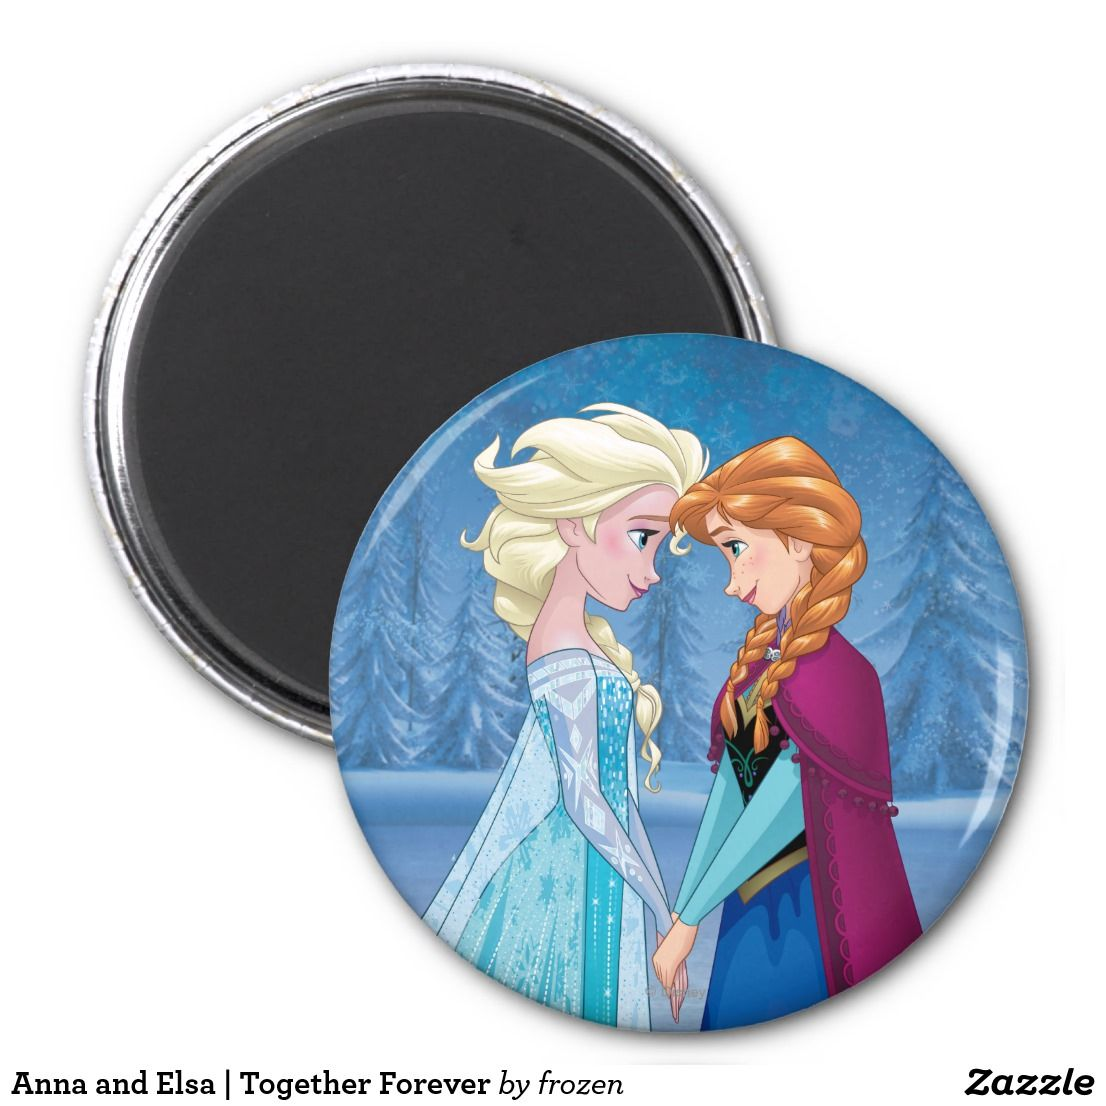 Anna And Elsa Together Forever Magnet Zazzle Com Disney Princess Gifts Disney Frozen Elsa Together Forever